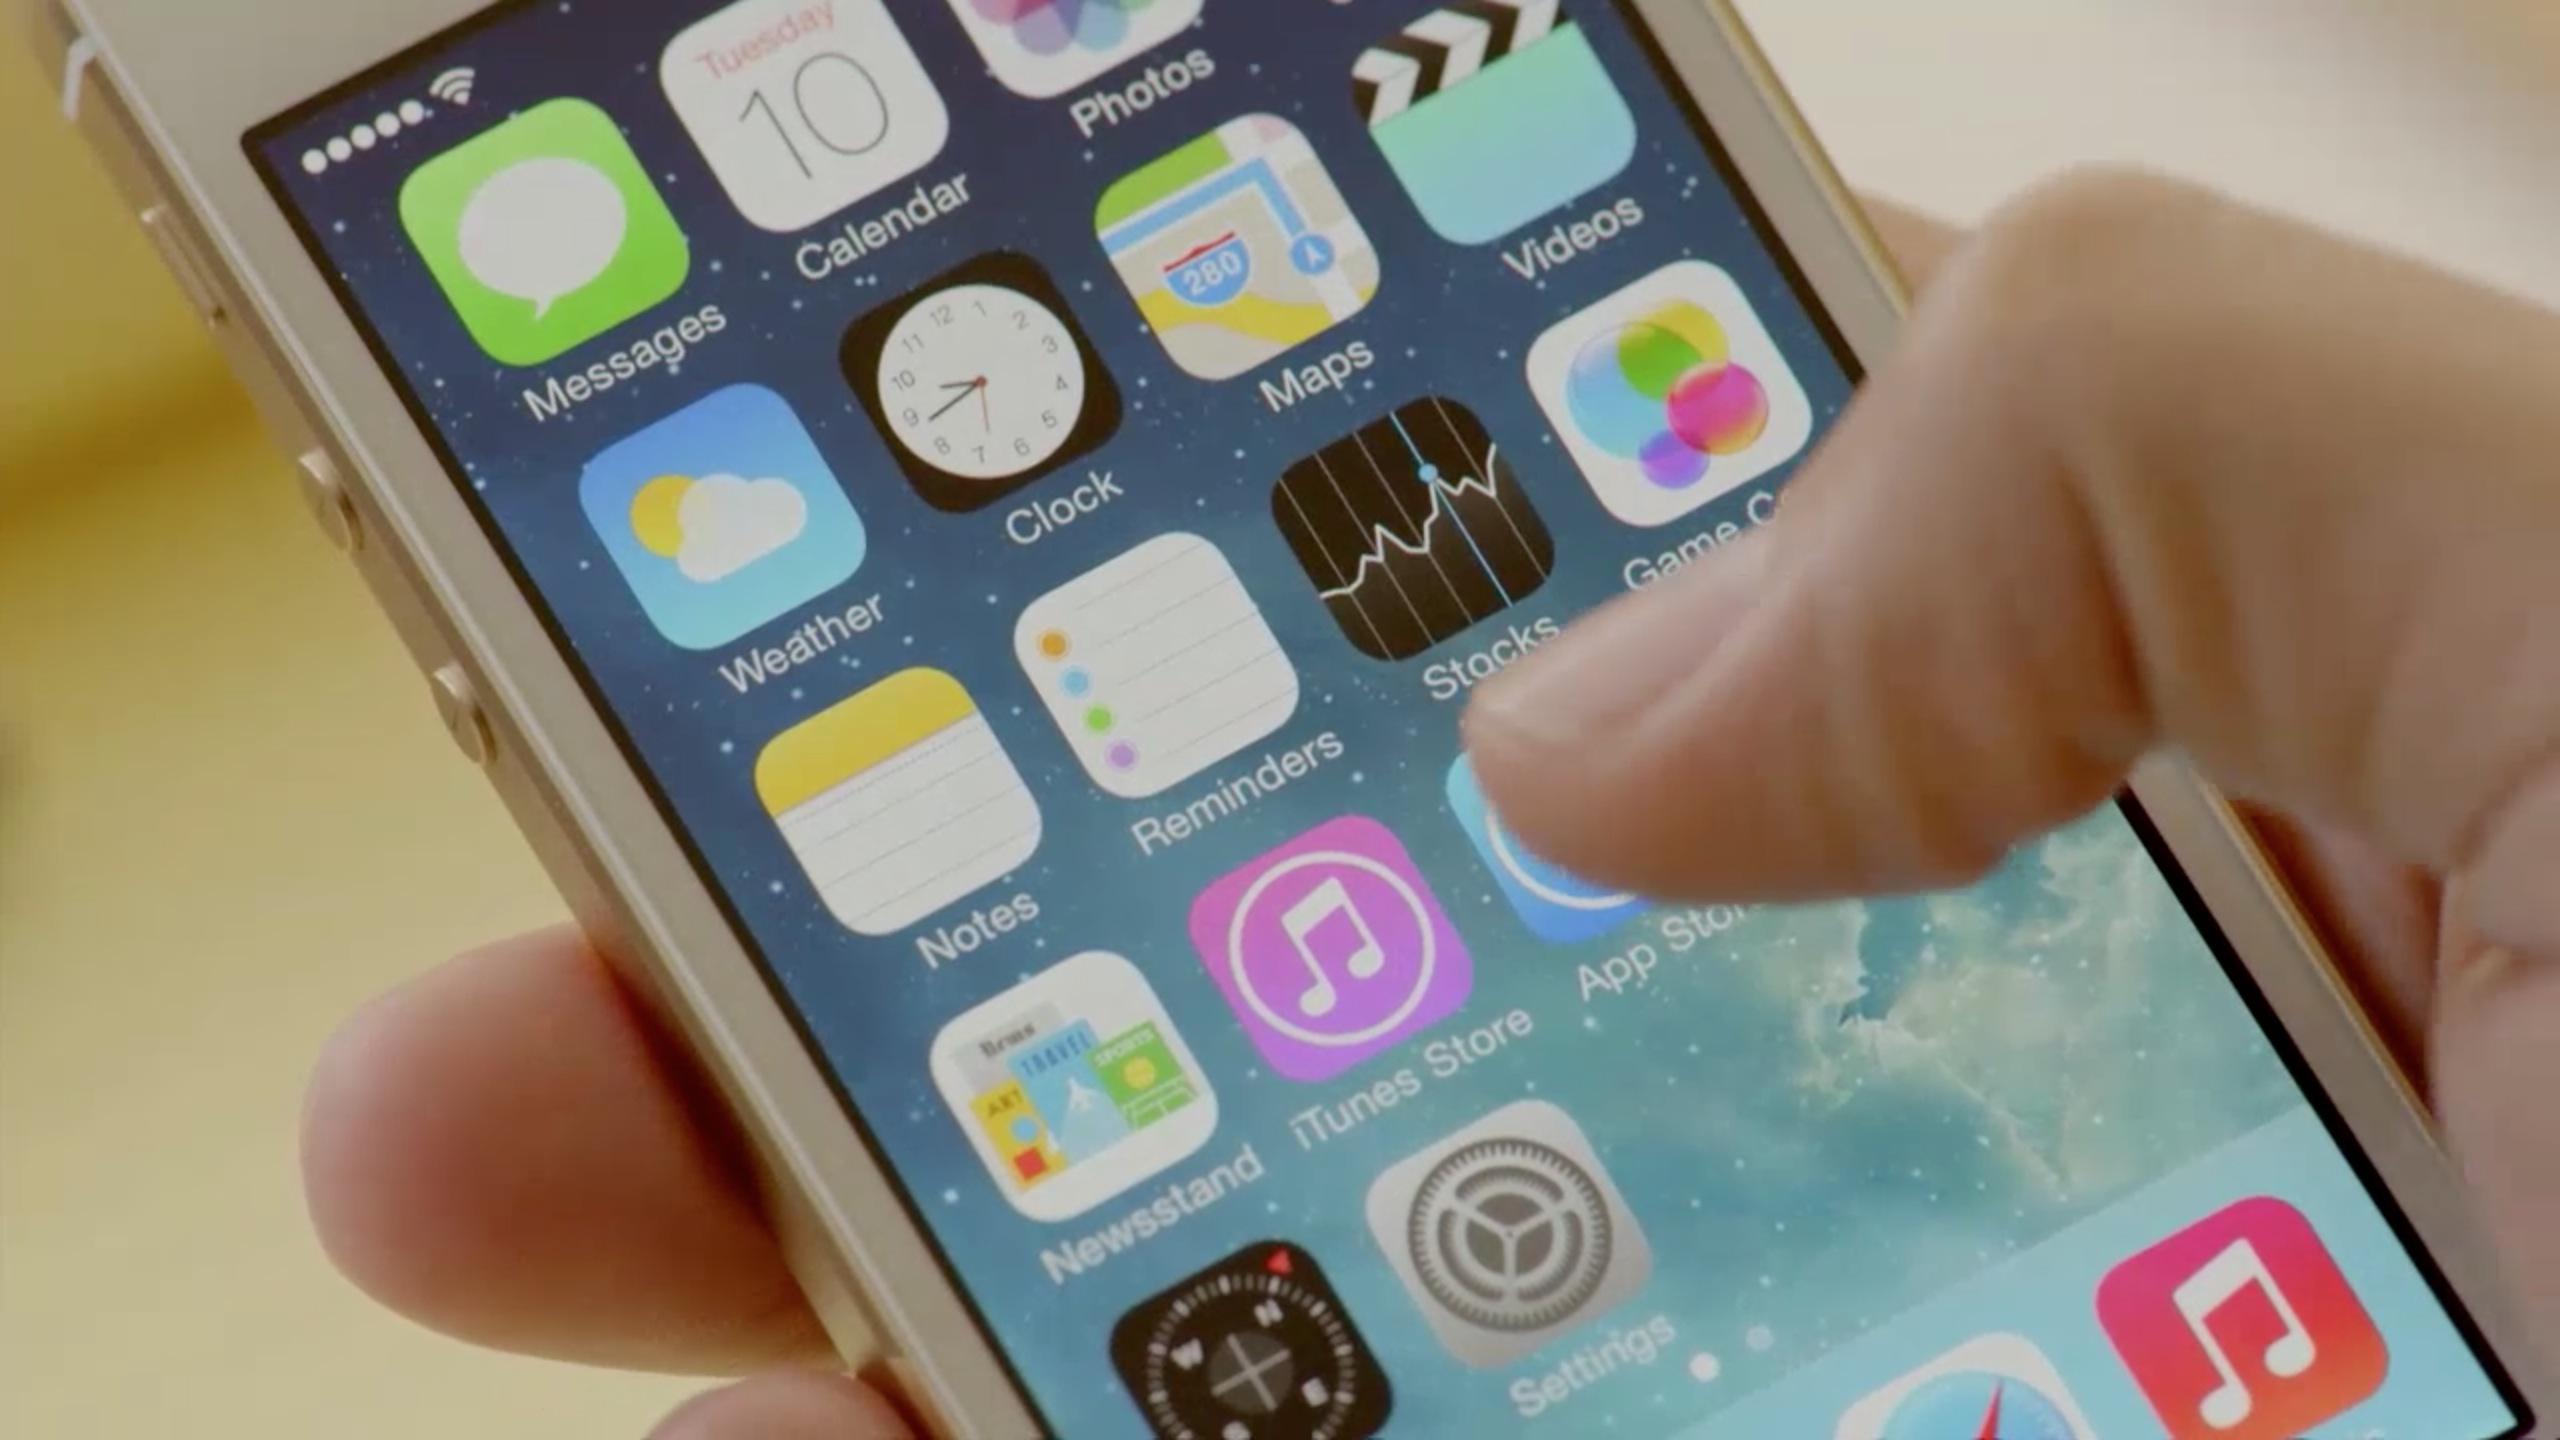 Три самых раздражающих новшества в iOS 7, и что с ними делать